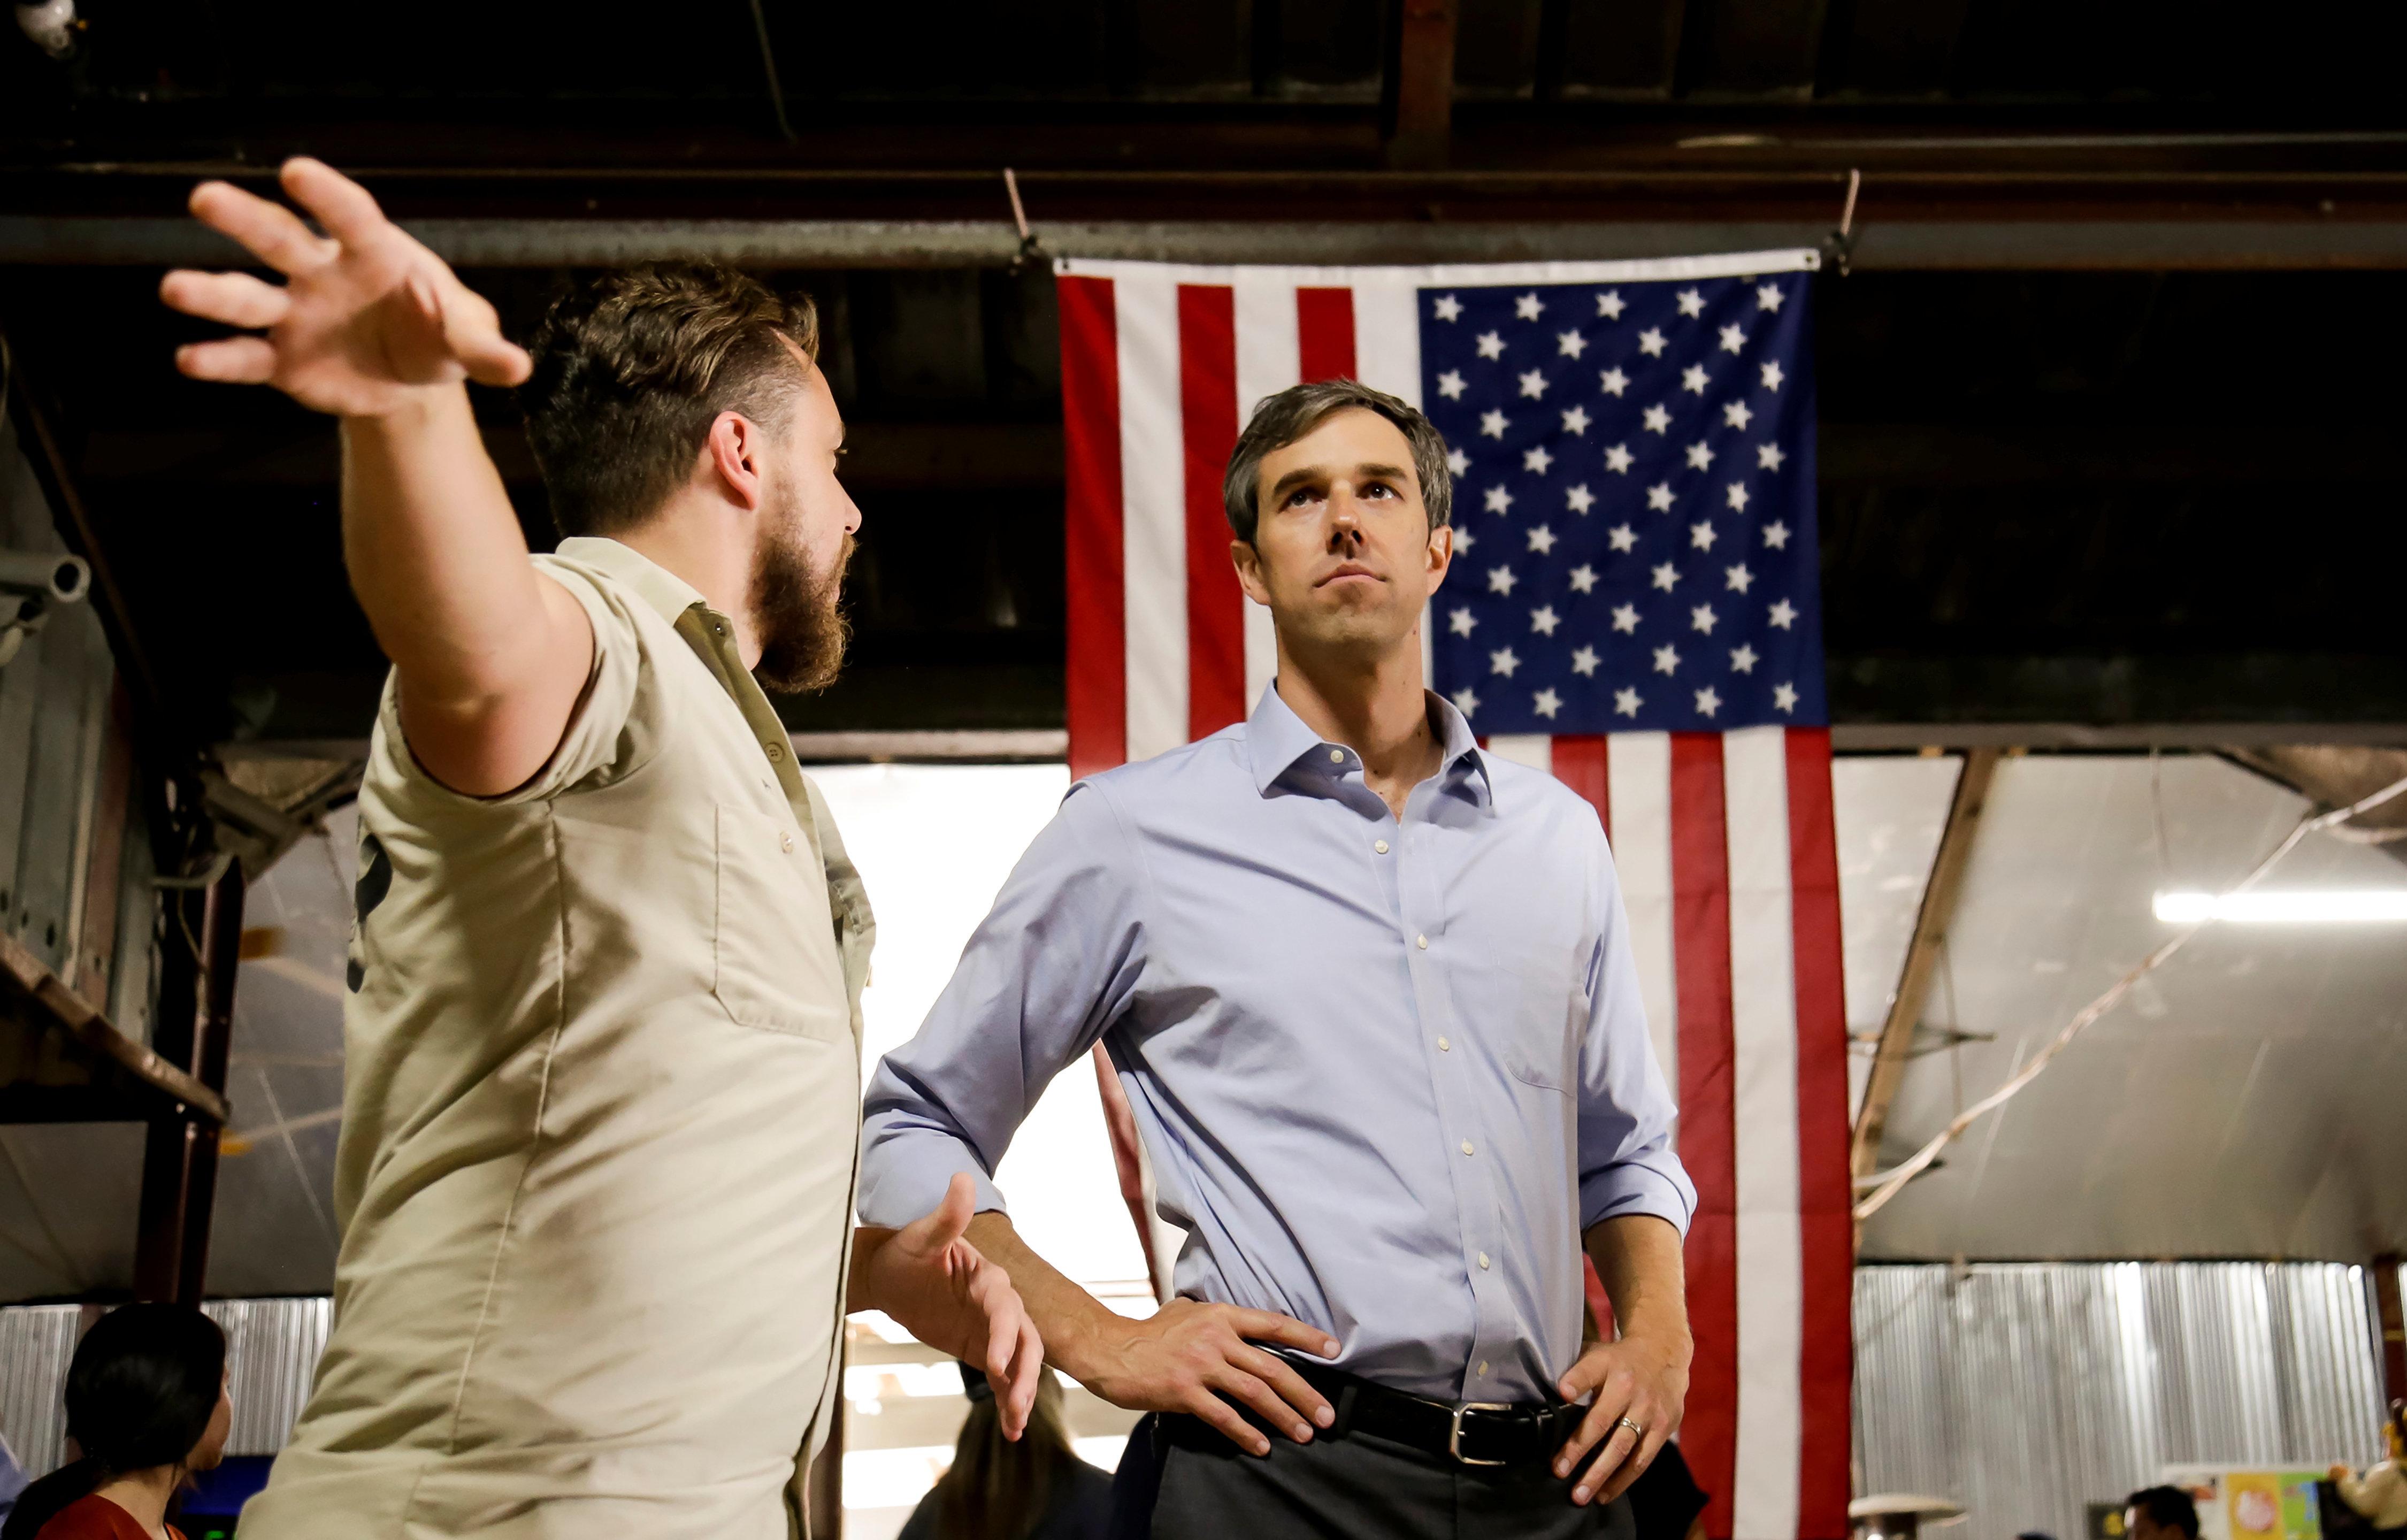 U.S. Representative Beto O'Rourke (D-TX) campaigns in Houston, Texas U.S. November 11, 2017.  REUTERS/William Philpott